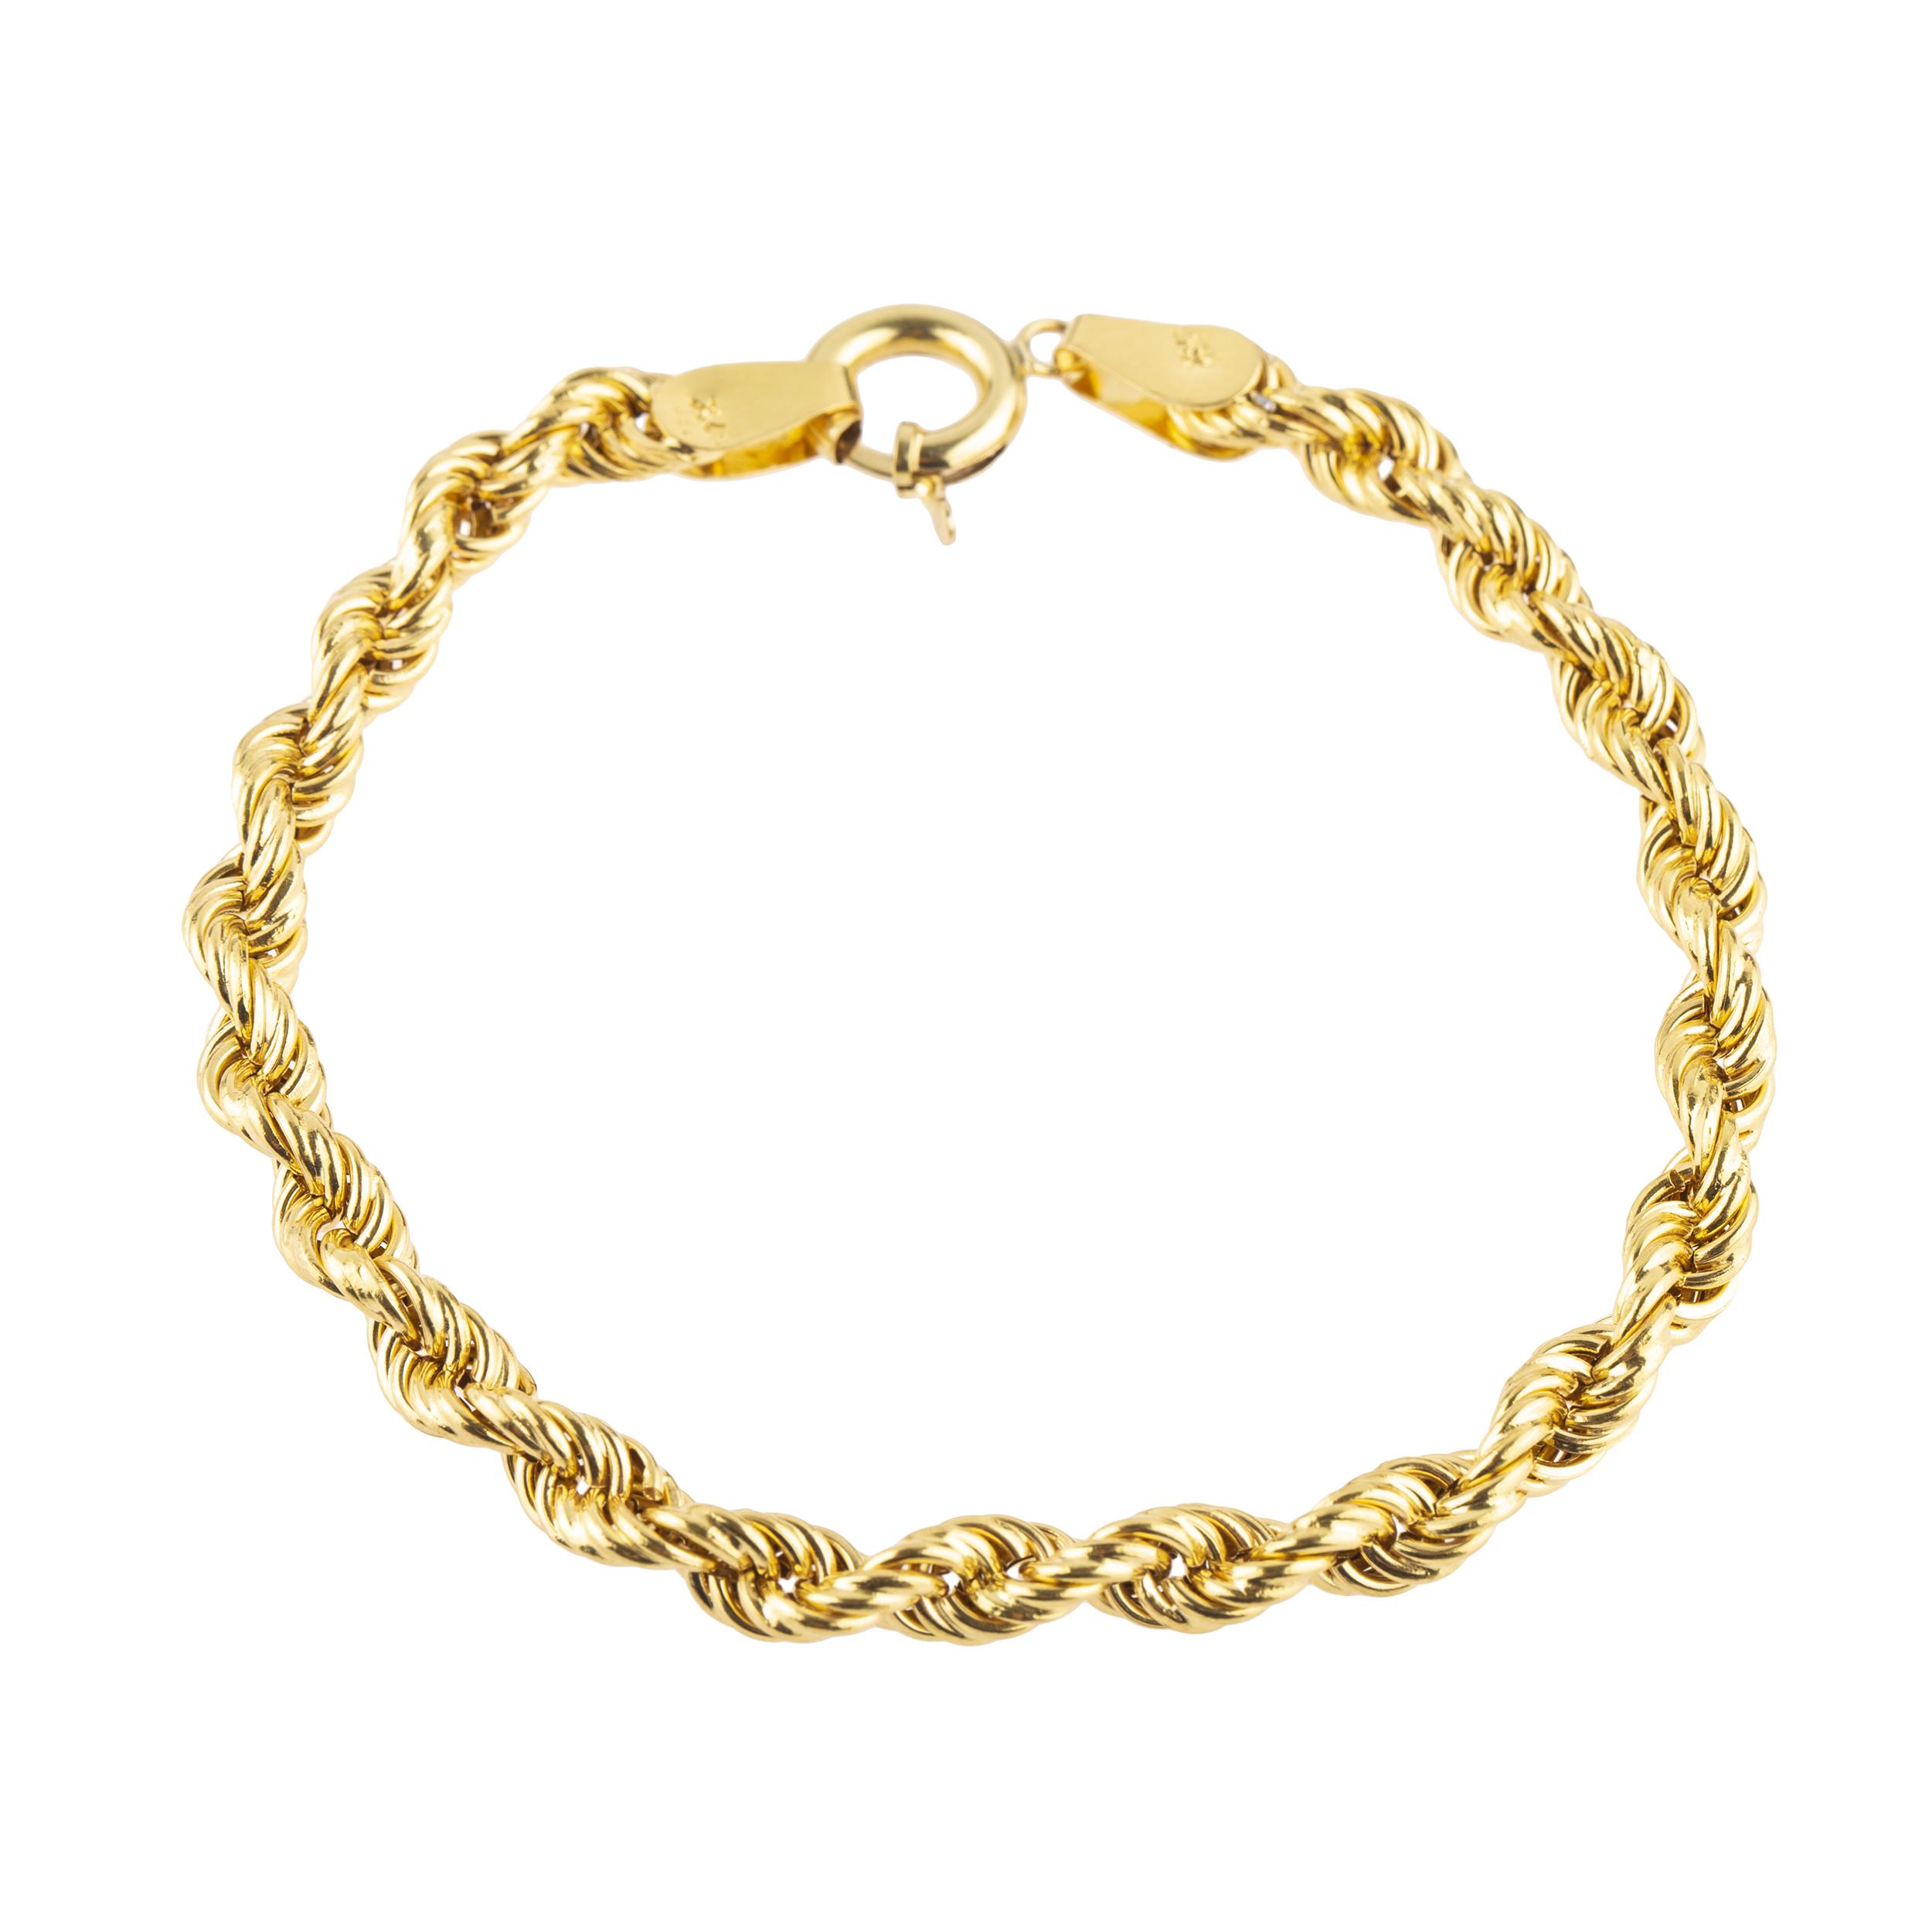 دستبند طلا 18 عیار کد B103 طنابی